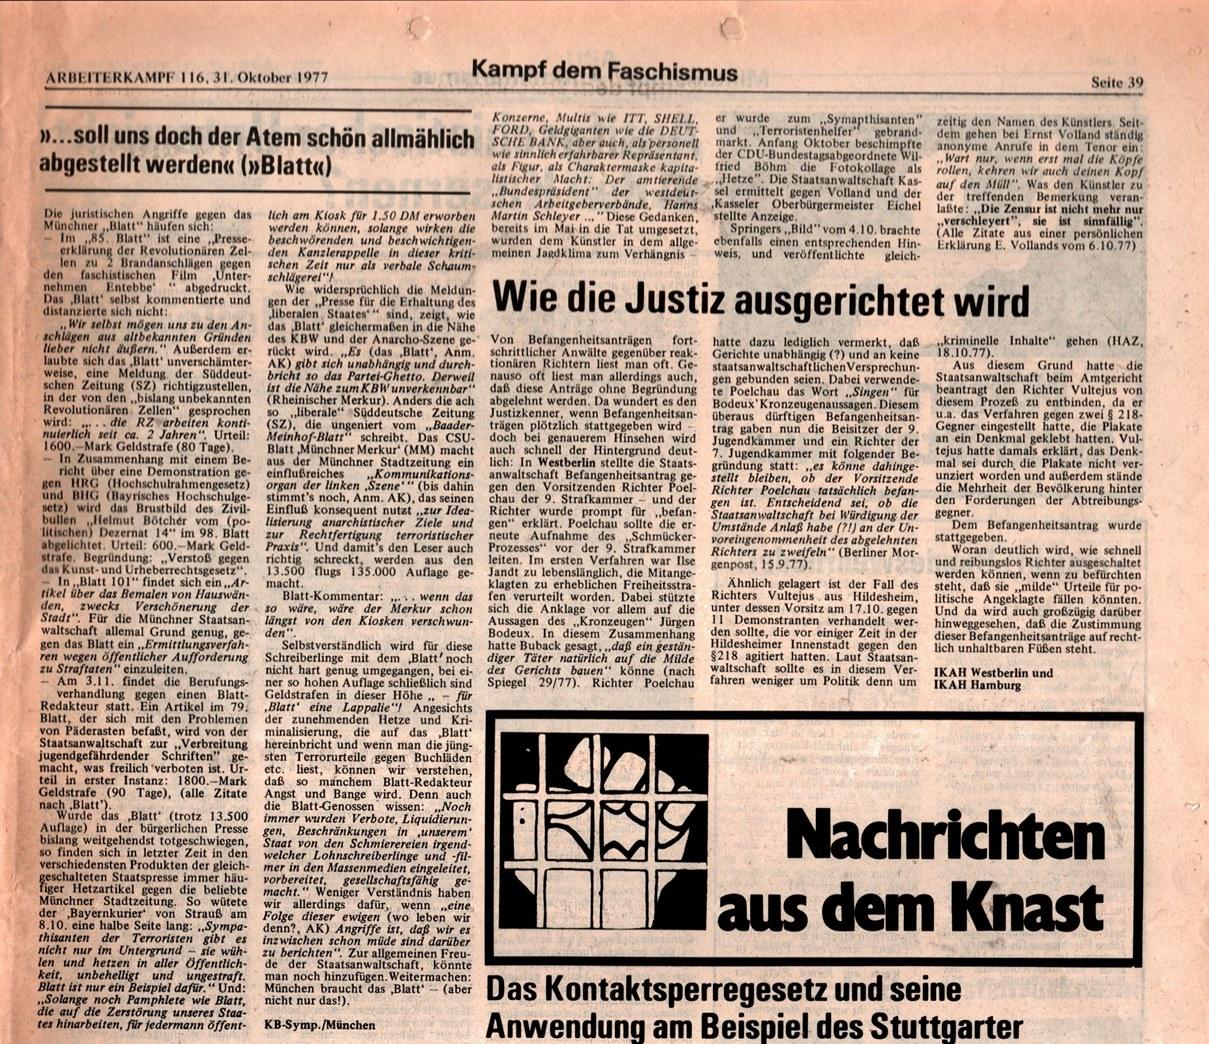 KB_AK_1977_116_077